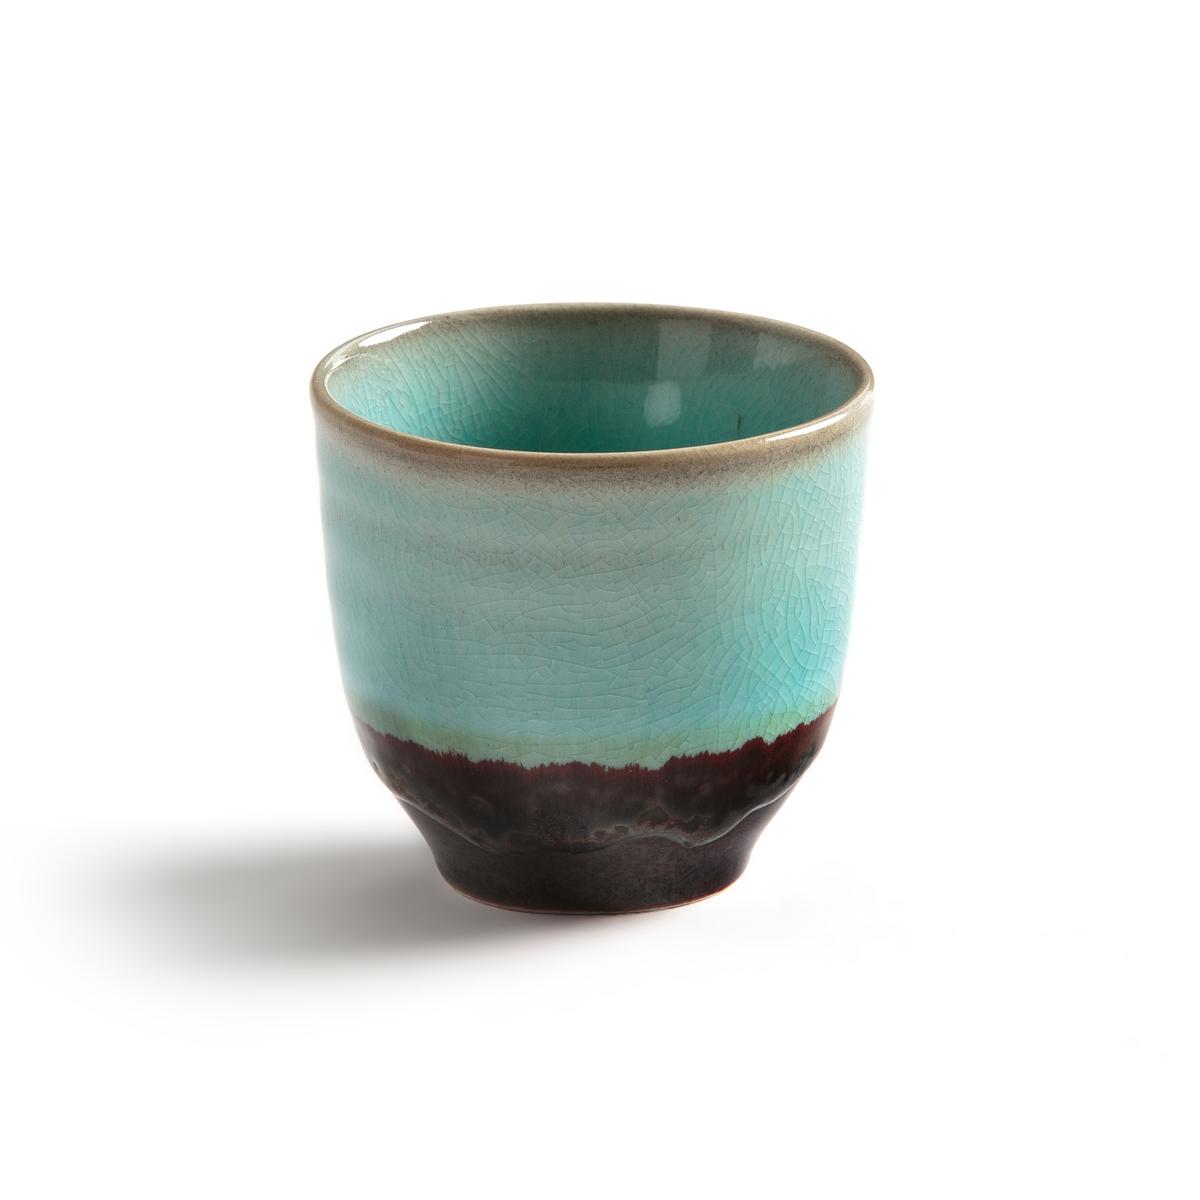 4 чашки из керамики, Rolkolo4 чашки  Rolkolo . Из эмалированной керамикис рисунком облако синего цвета и земля. Без ручки для большей легкости . Подходит для мытья в посудомоечной машине. Размеры : ?7,5 x 7,5 см.<br><br>Цвет: синий/ каштан<br>Размер: единый размер